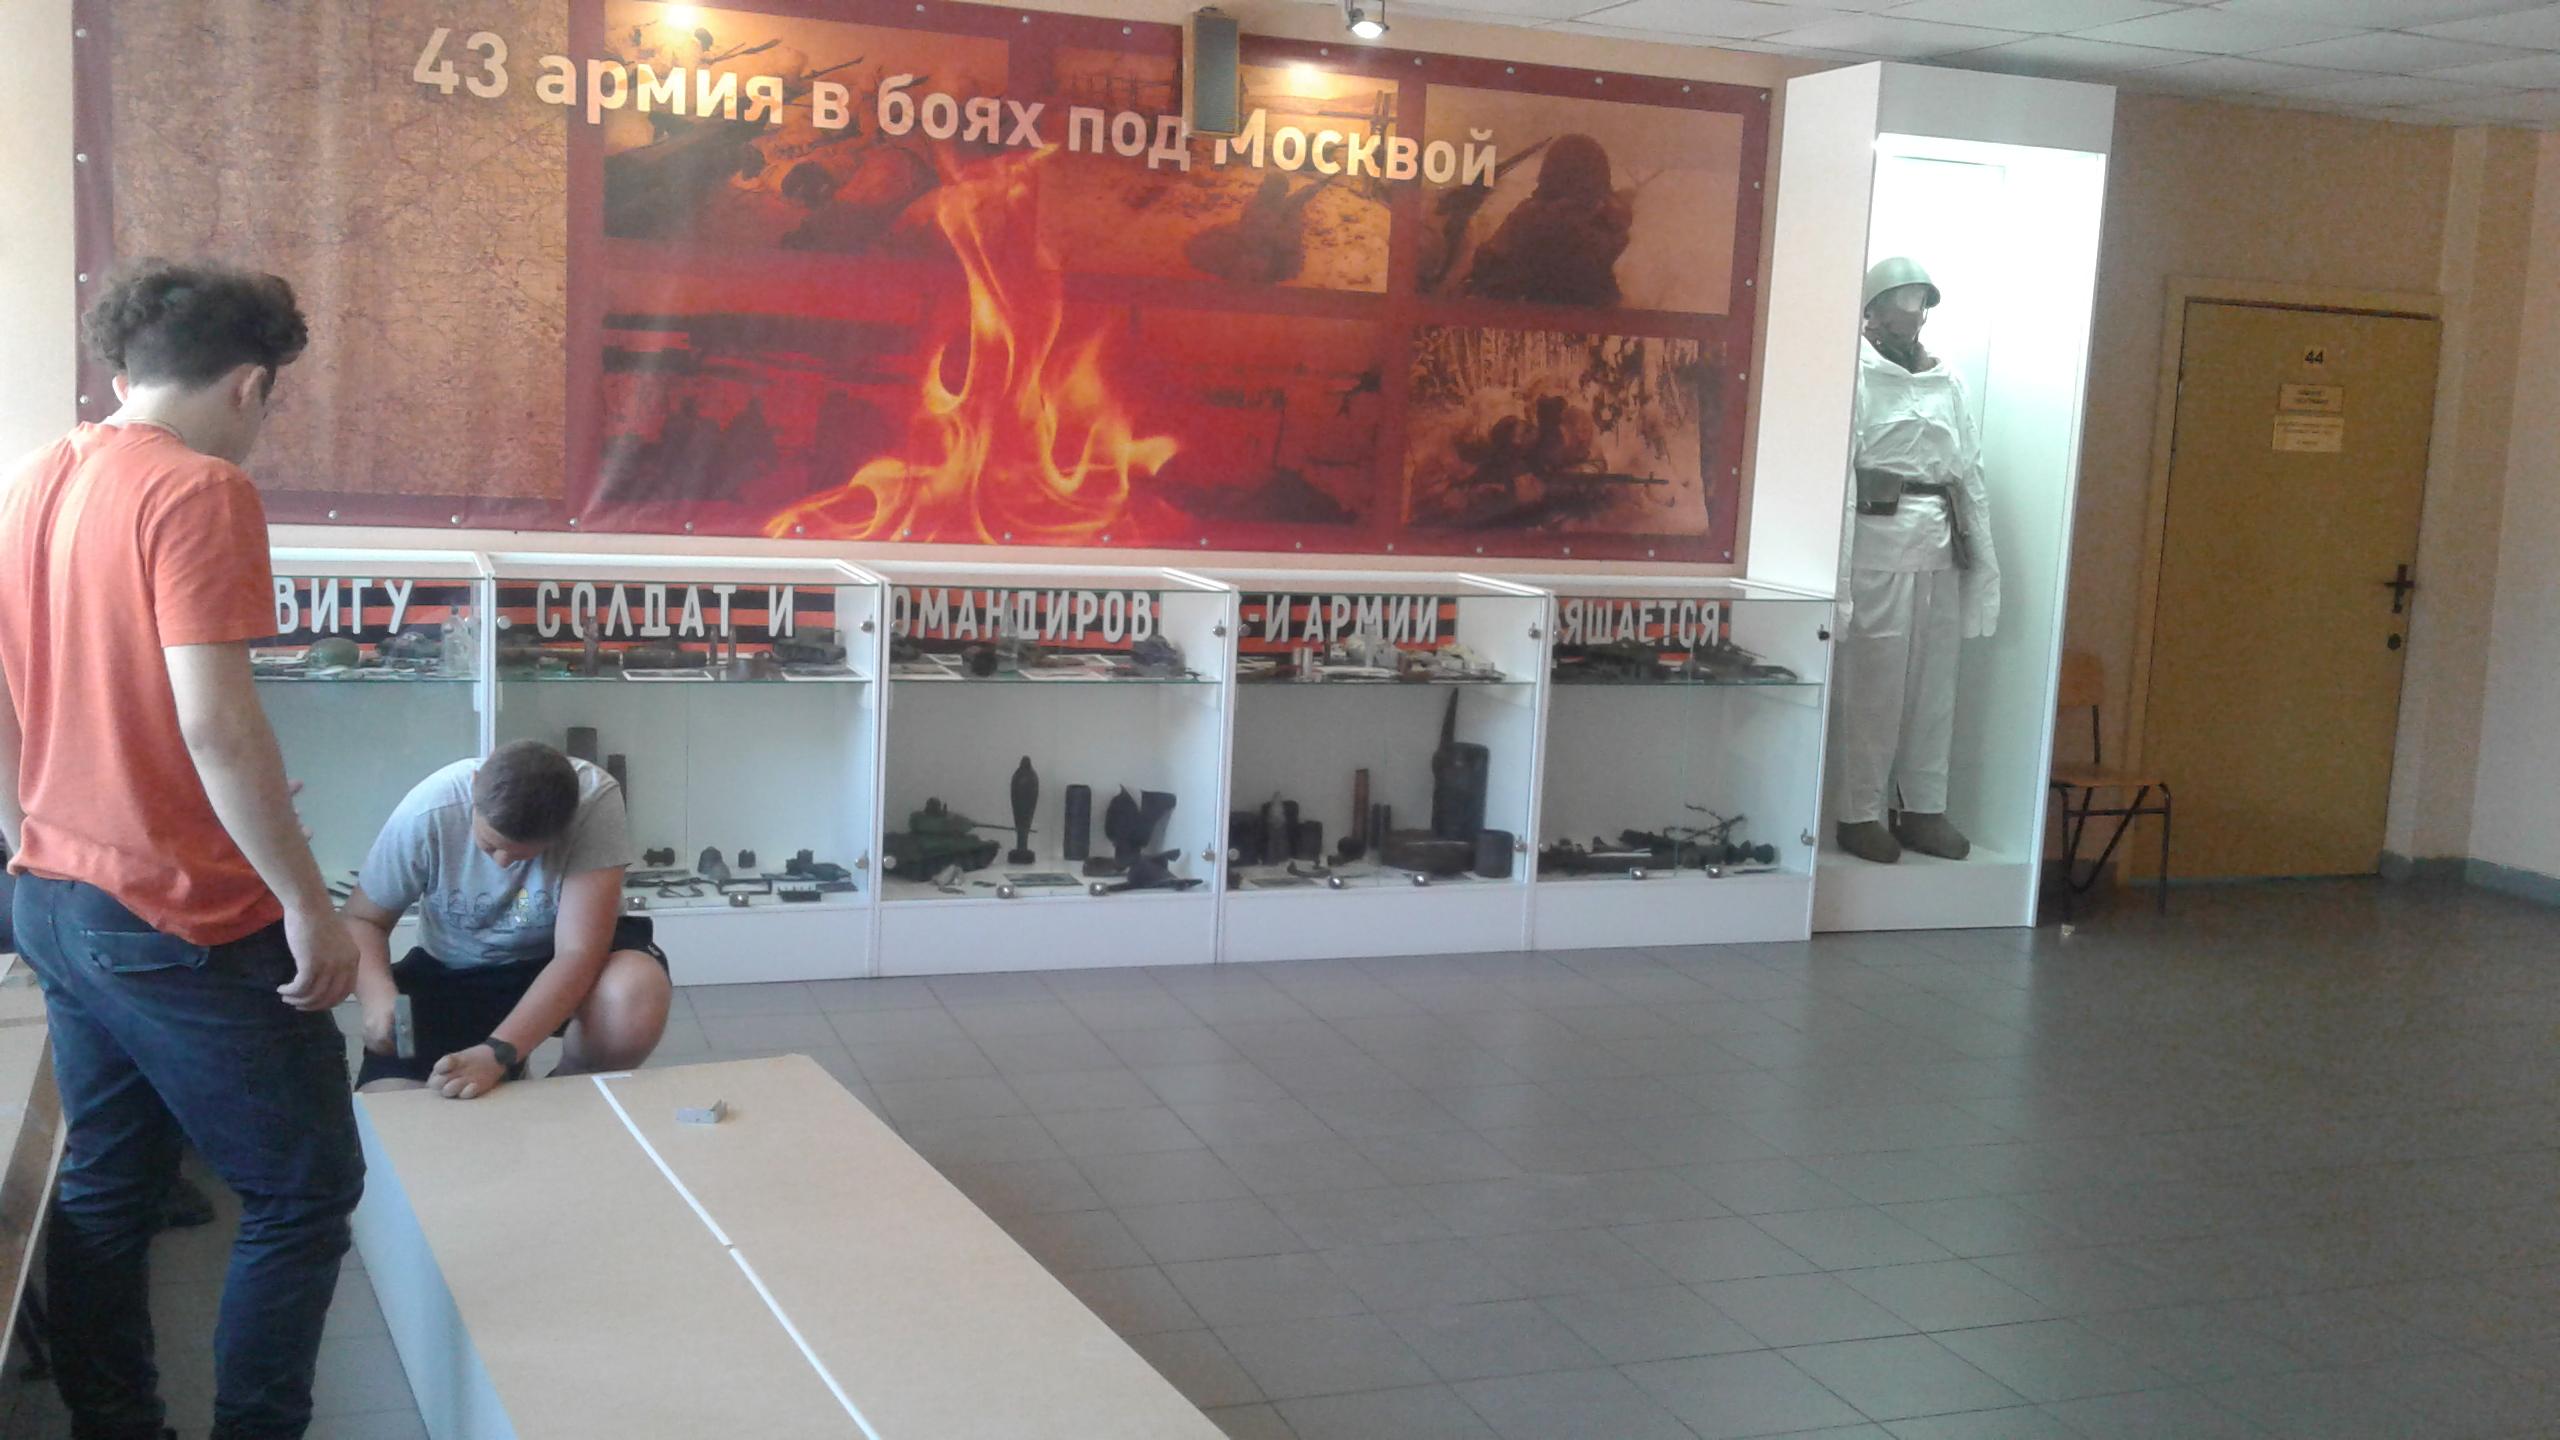 Работа учащихся школы в музее 43 Армии